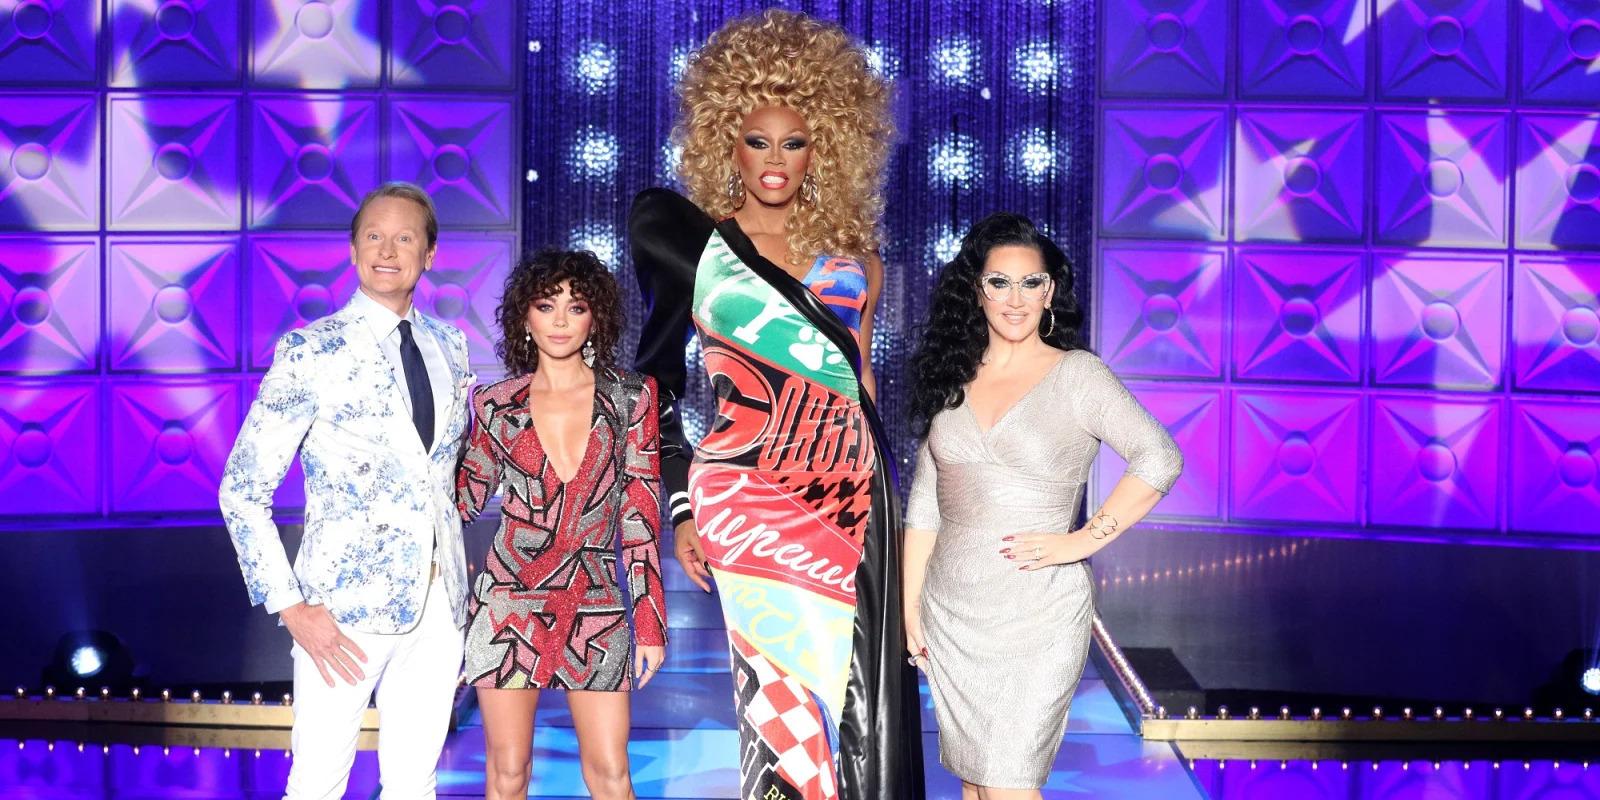 RuPaul's Drag Race All Stars Season 5 Episode 5